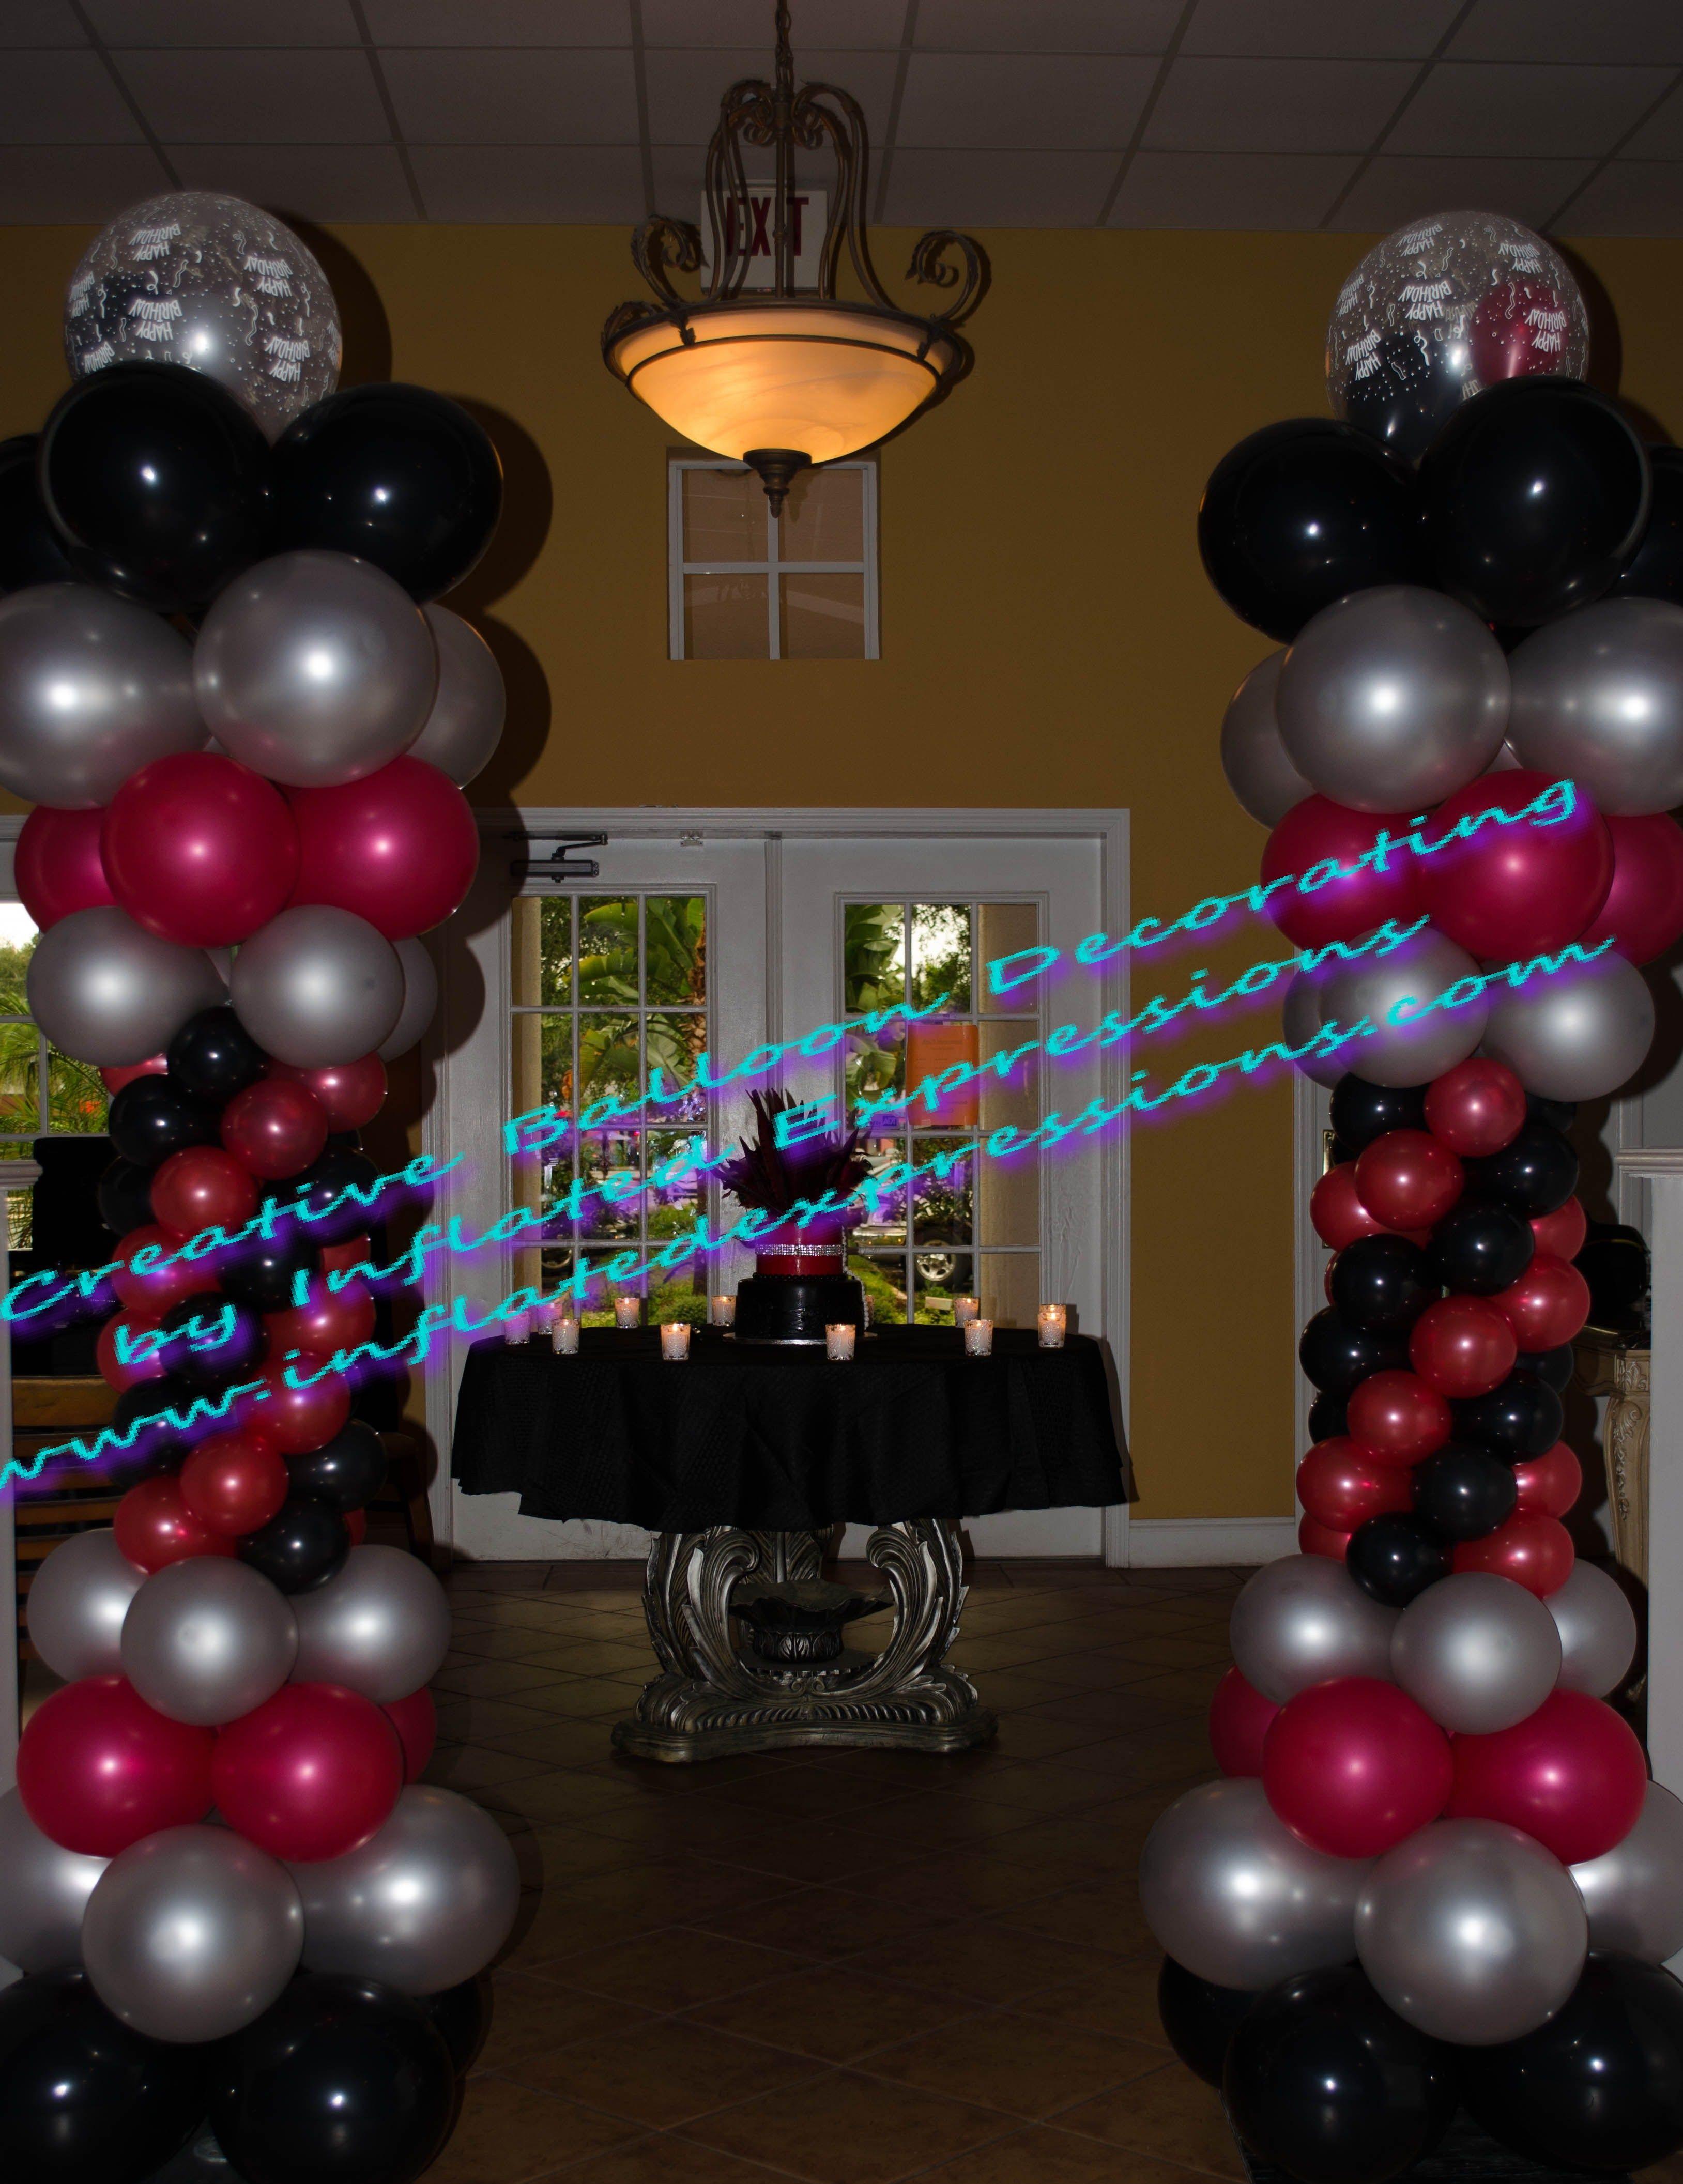 Creative Balloon Decor For 70th Birthday Party